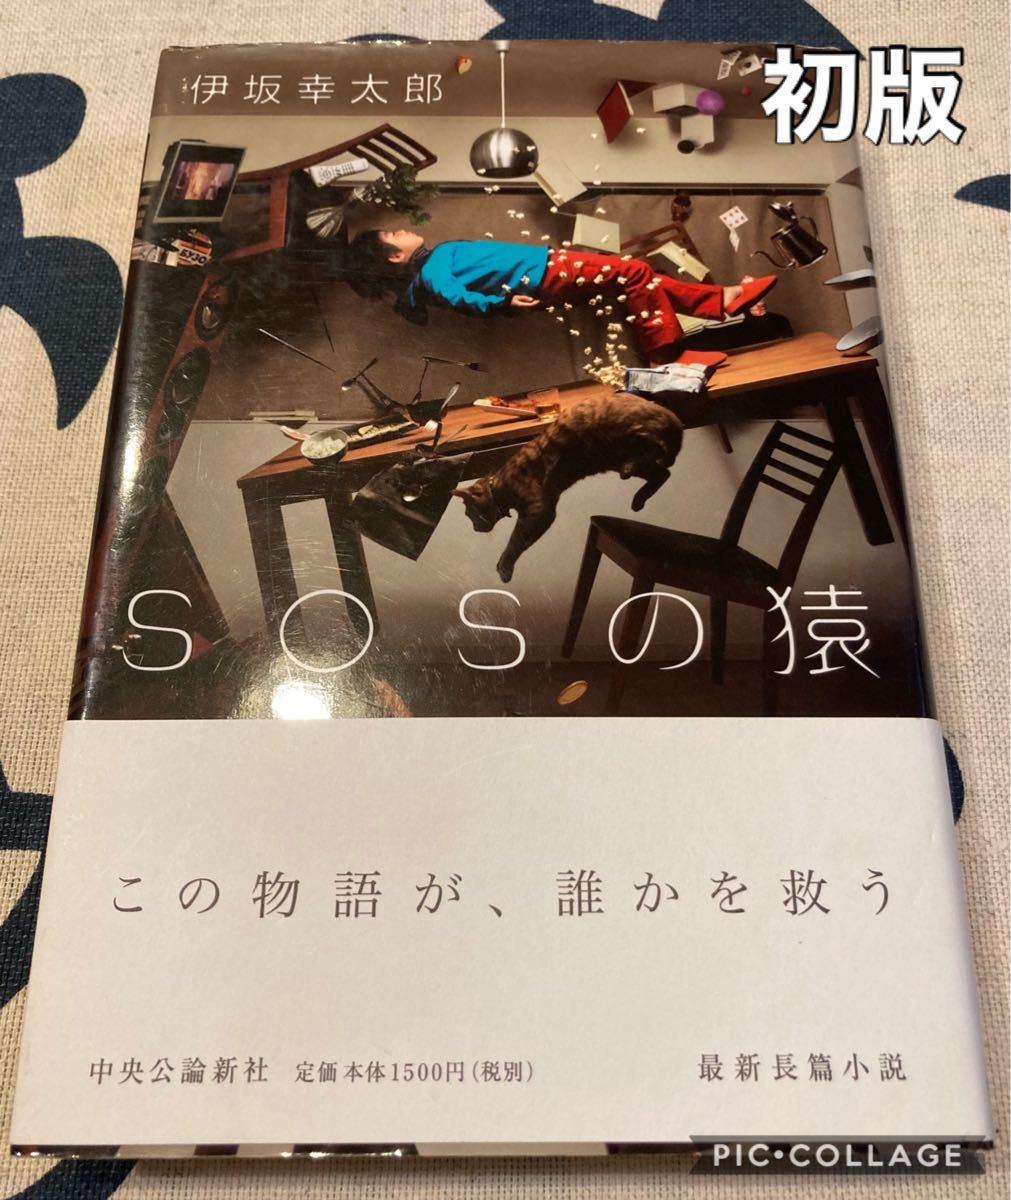 【初版、帯付き】SOSの猿   /中央公論新社/伊坂幸太郎 (単行本) 中古